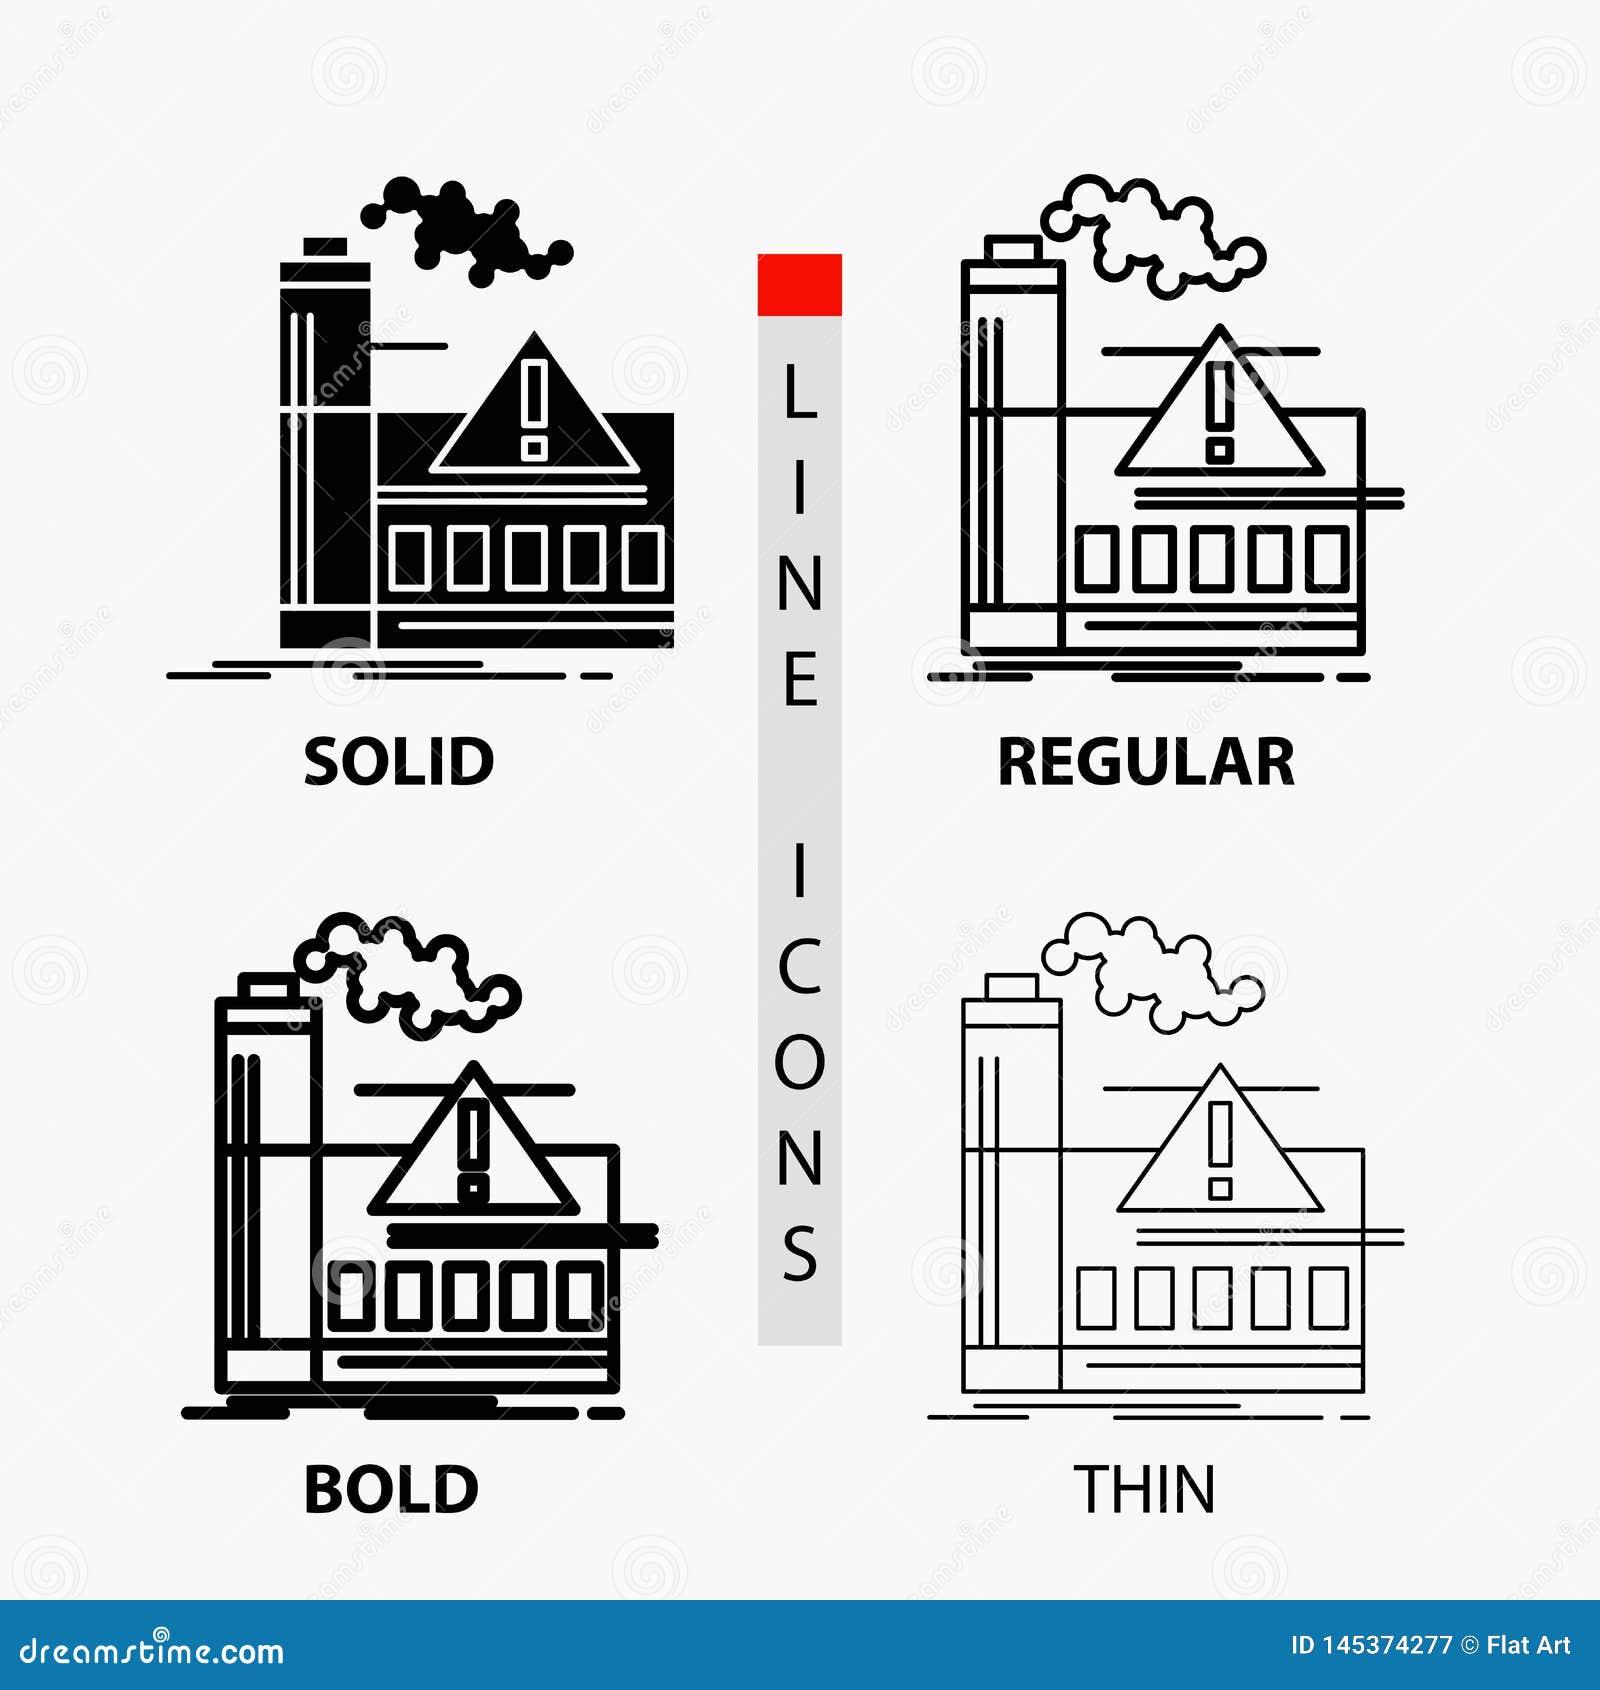 загрязнение, фабрика, воздух, сигнал тревоги, значок индустрии в тонких, регулярных, смелых линии и стиле глифа r